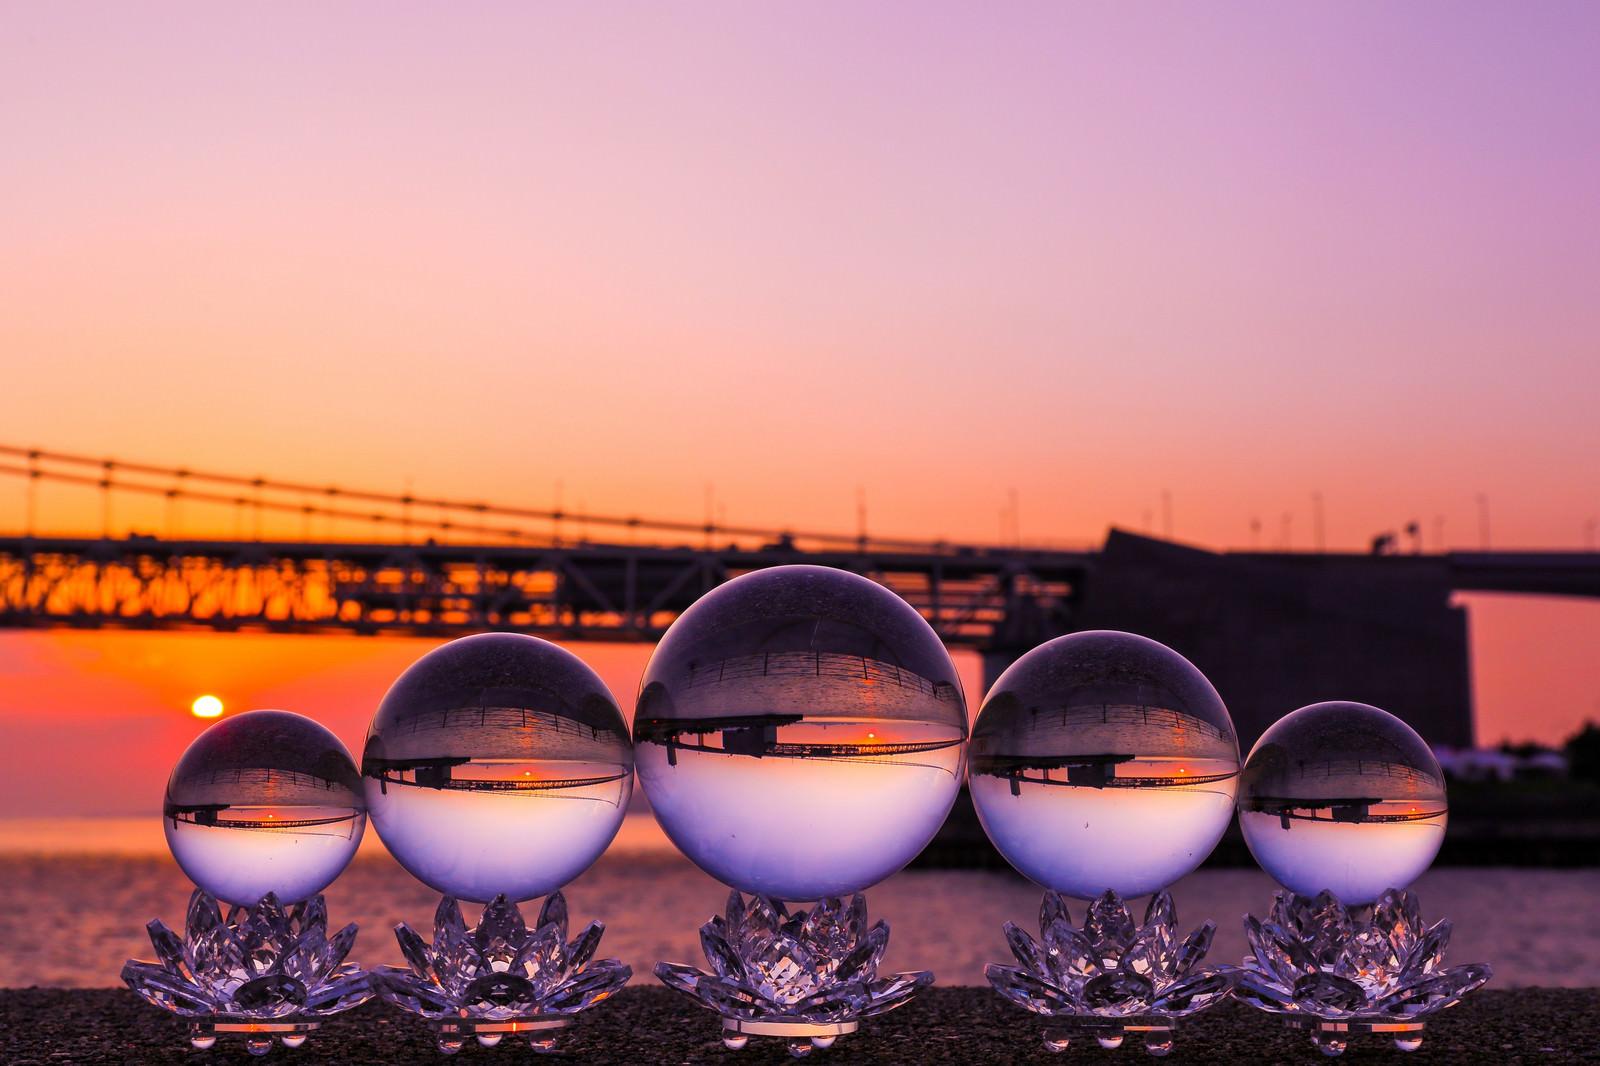 「沈む夕日と水晶球」の写真